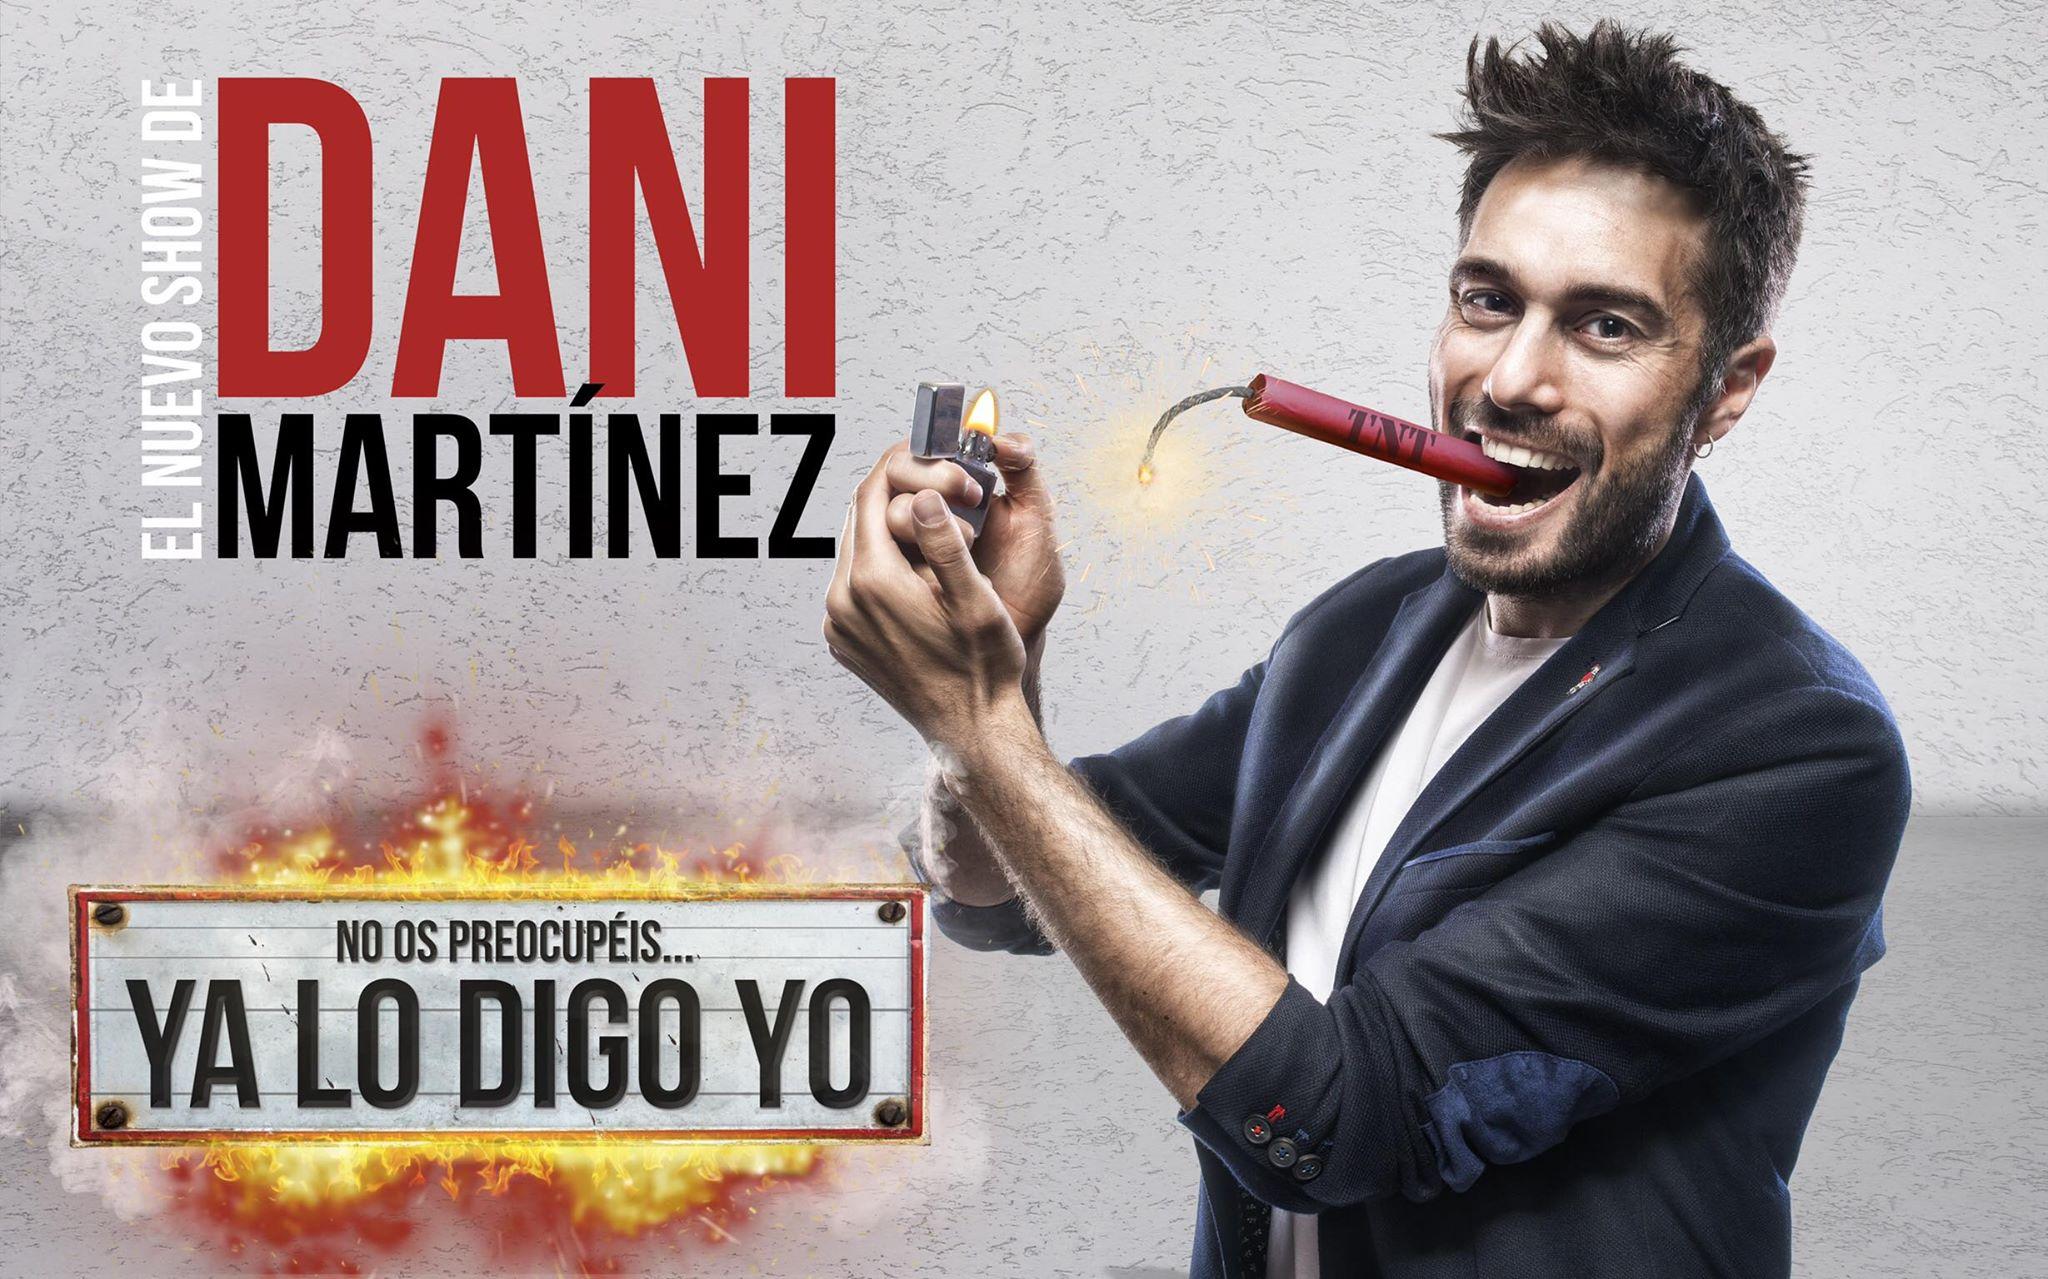 El humor de Dani Martínez llega al Teatro Castelar con su nuevo show 'No os preocupéis… ya lo digo yo'